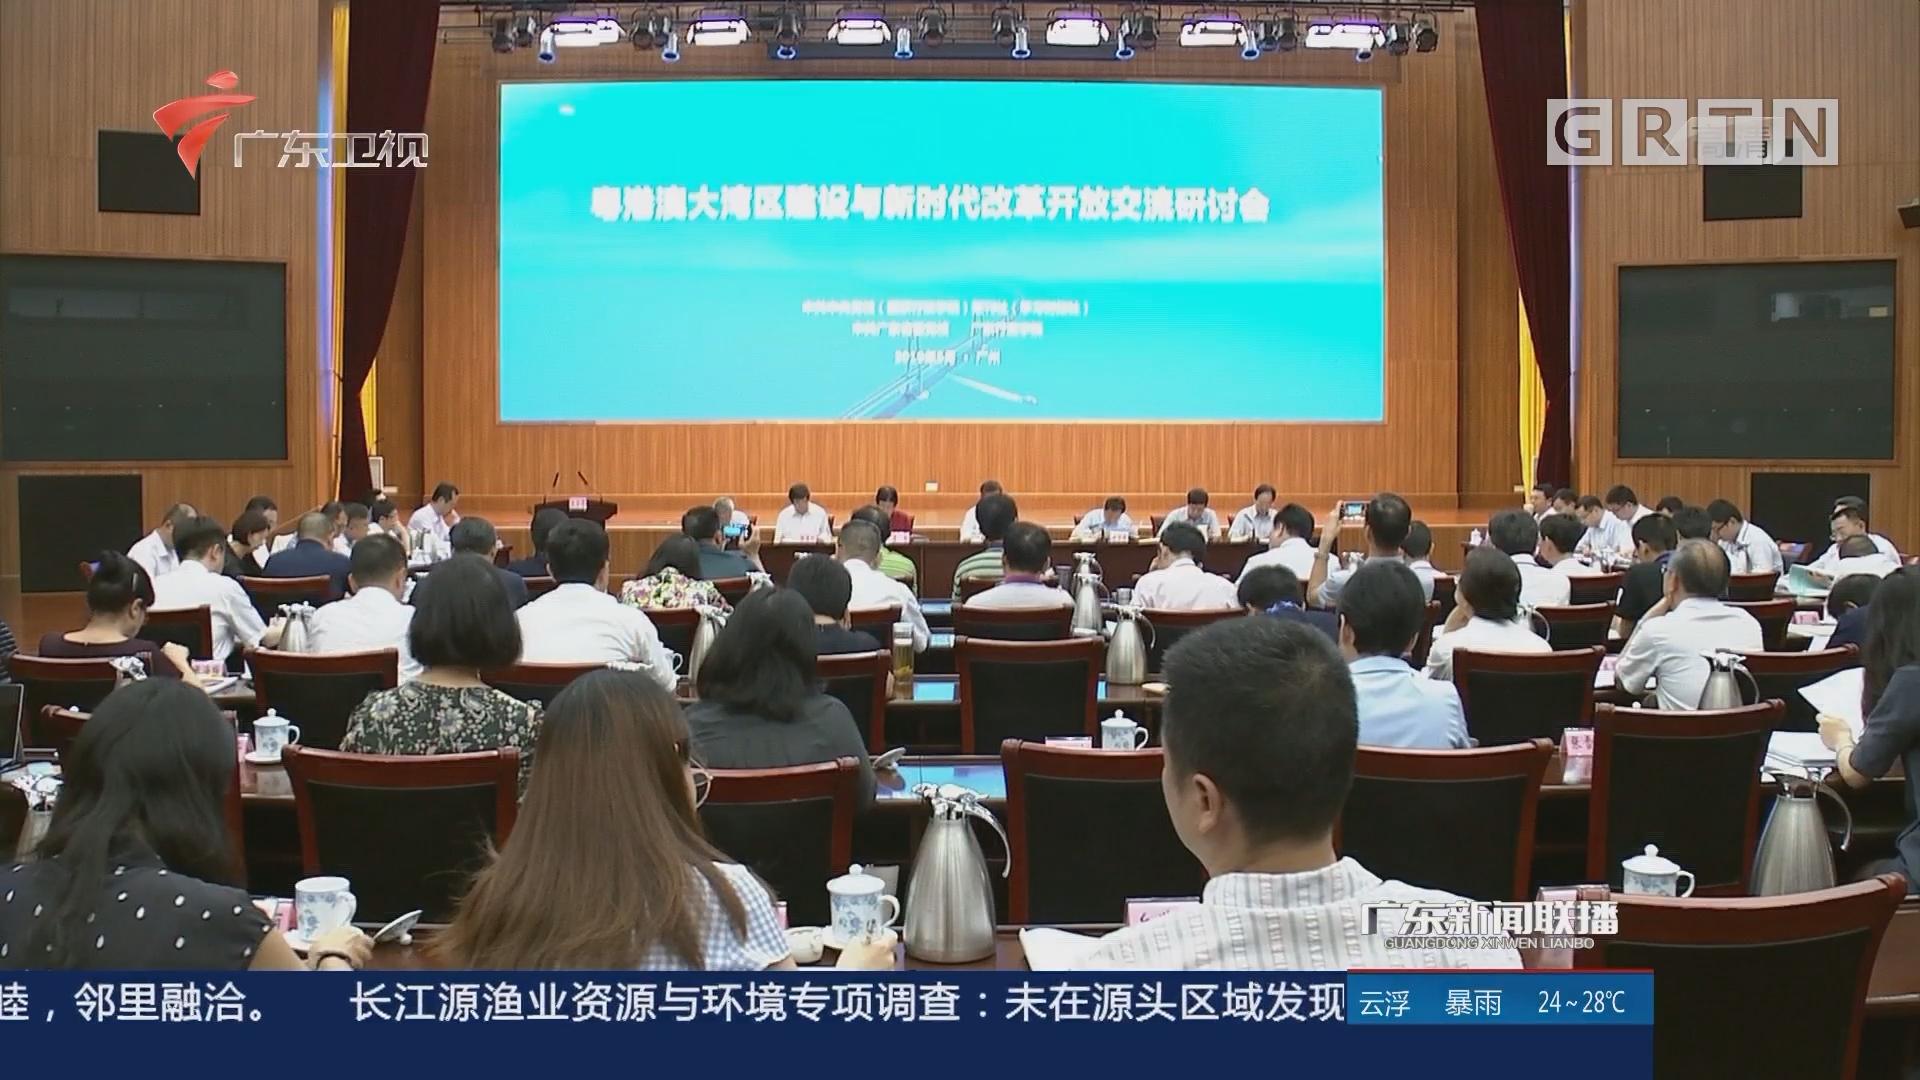 粤港澳大湾区建设与新时代改革开放交流研讨会在广州举行